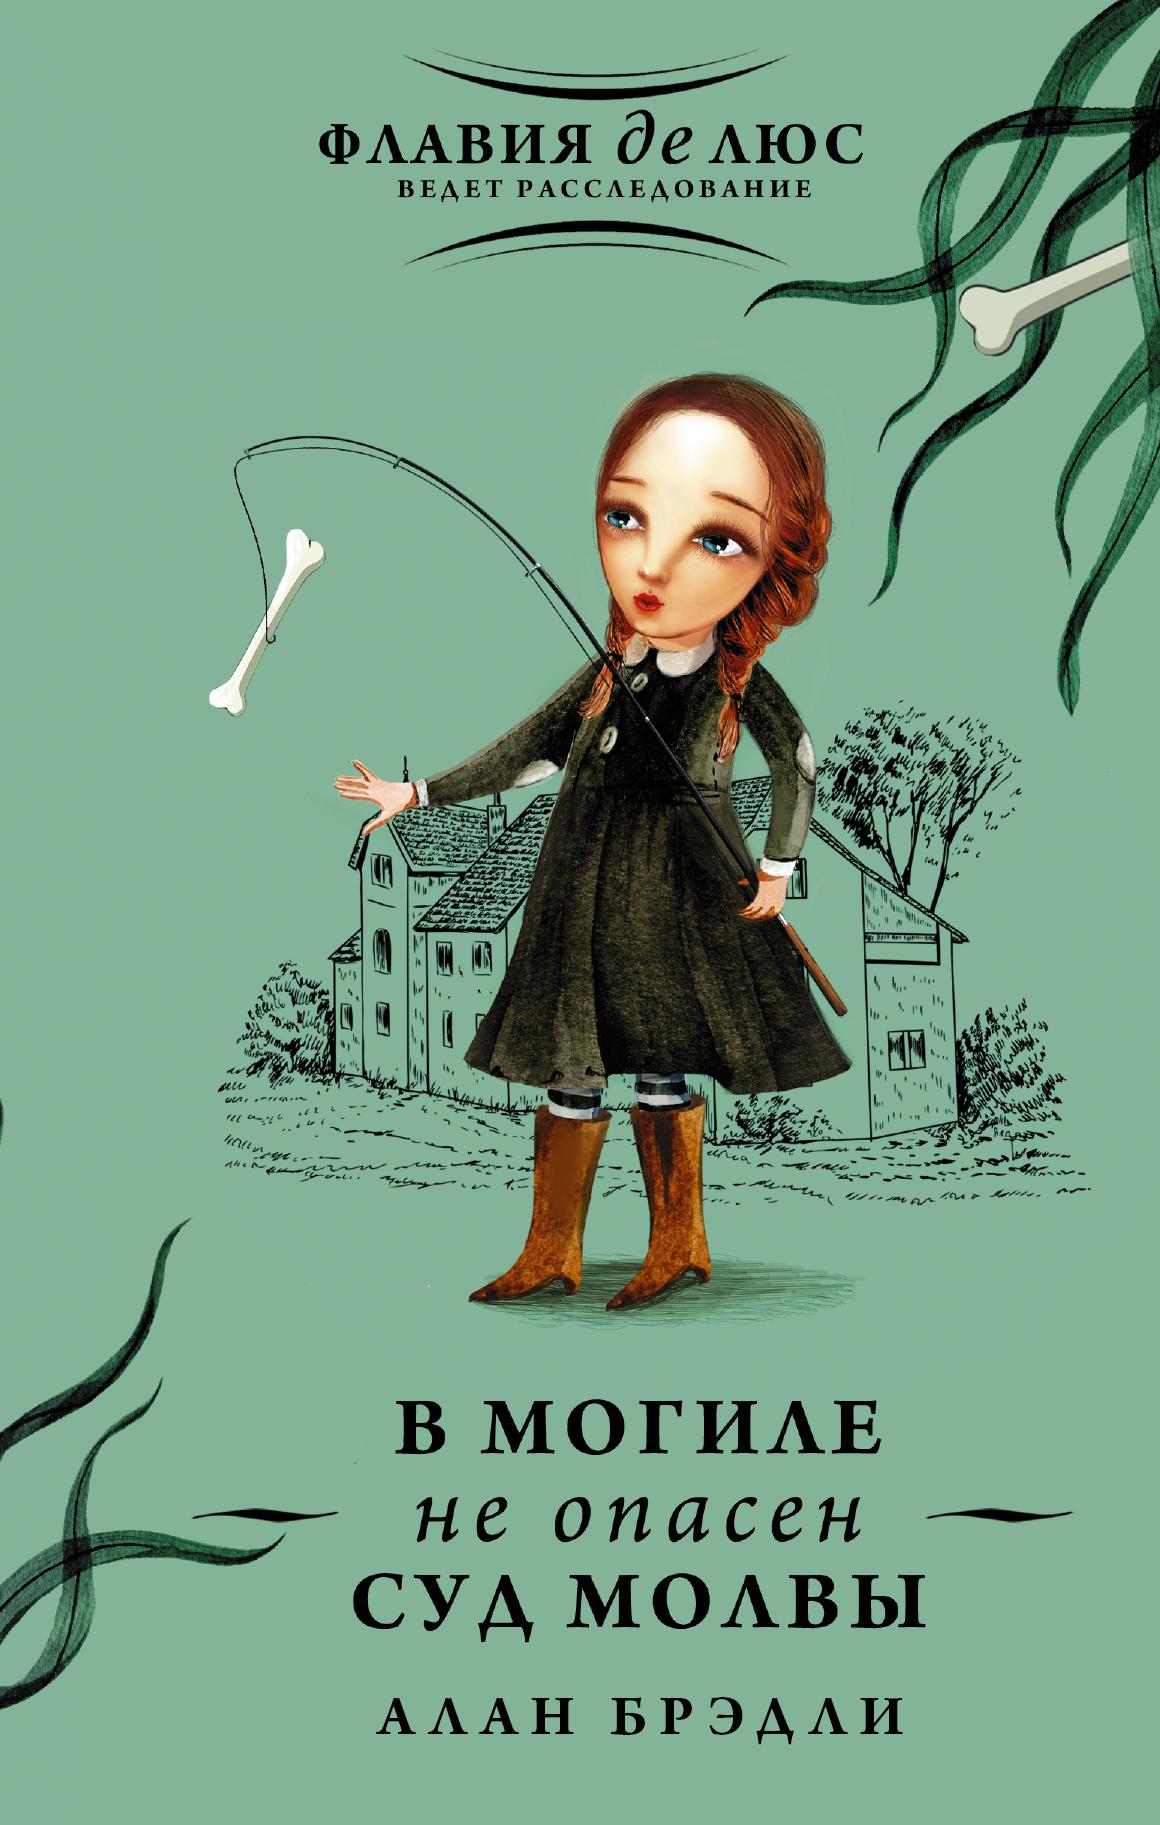 http://images.vfl.ru/ii/1558808898/963202a7/26659670.jpg